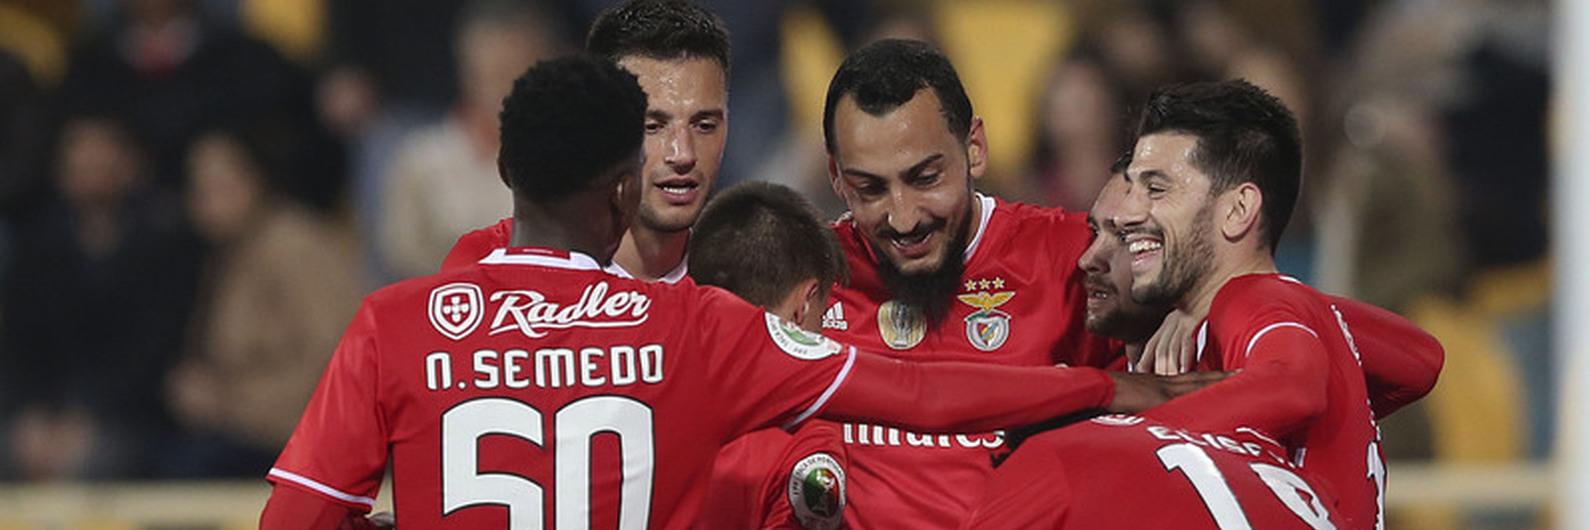 Benfica com boas hipóteses frente ao Dortmund. Missão do FC Porto é quase impossível com 'Juve'